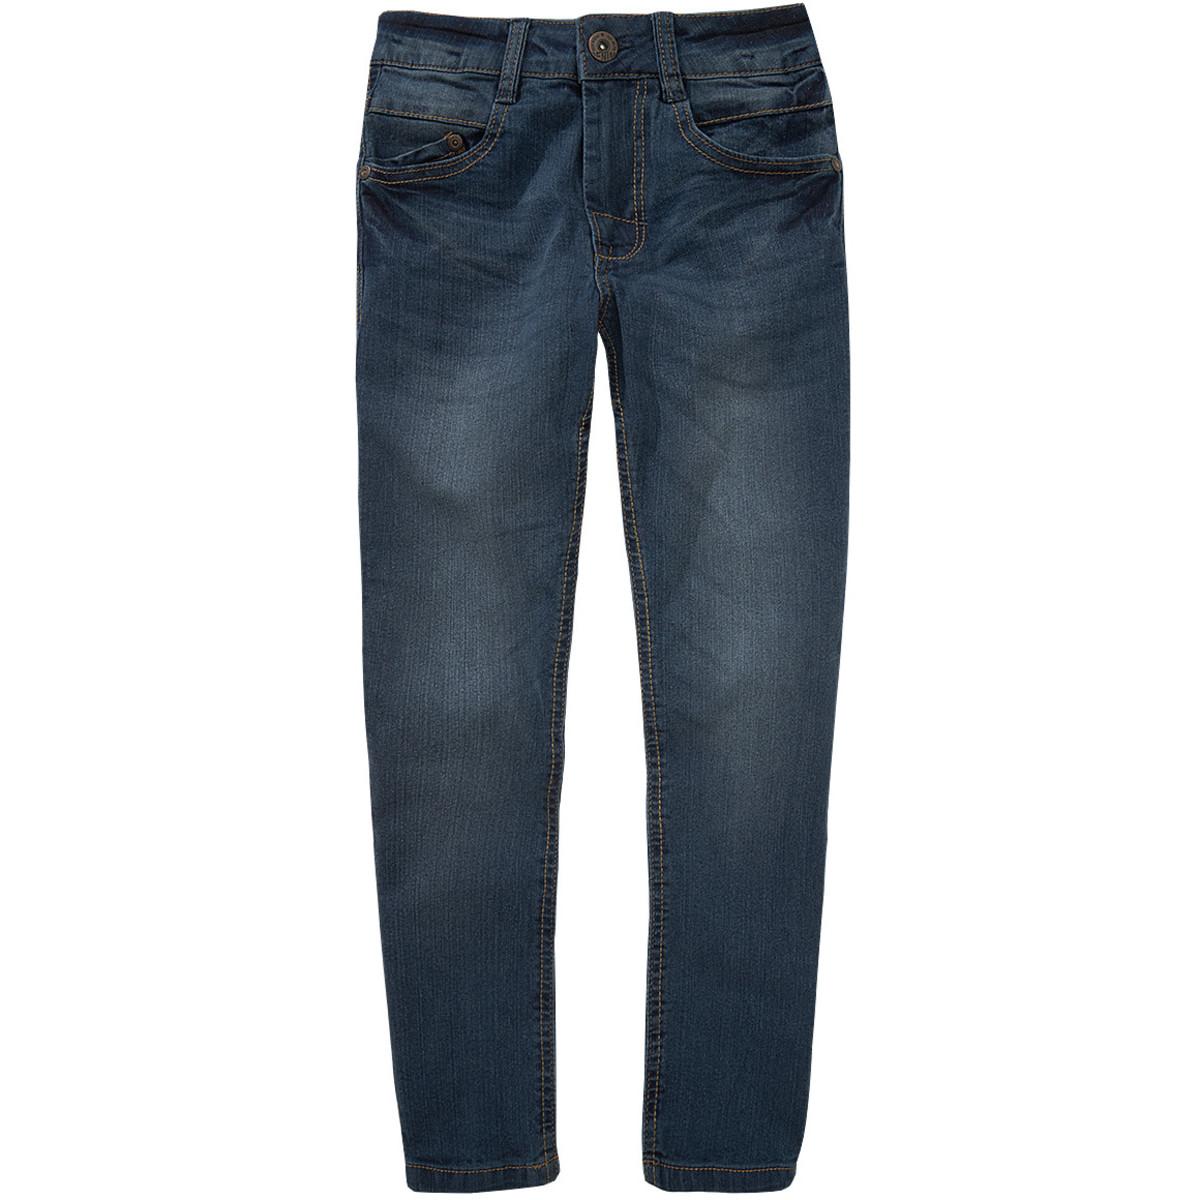 Bild 1 von Jungen Slim-Jeans mit verstellbarem Bund